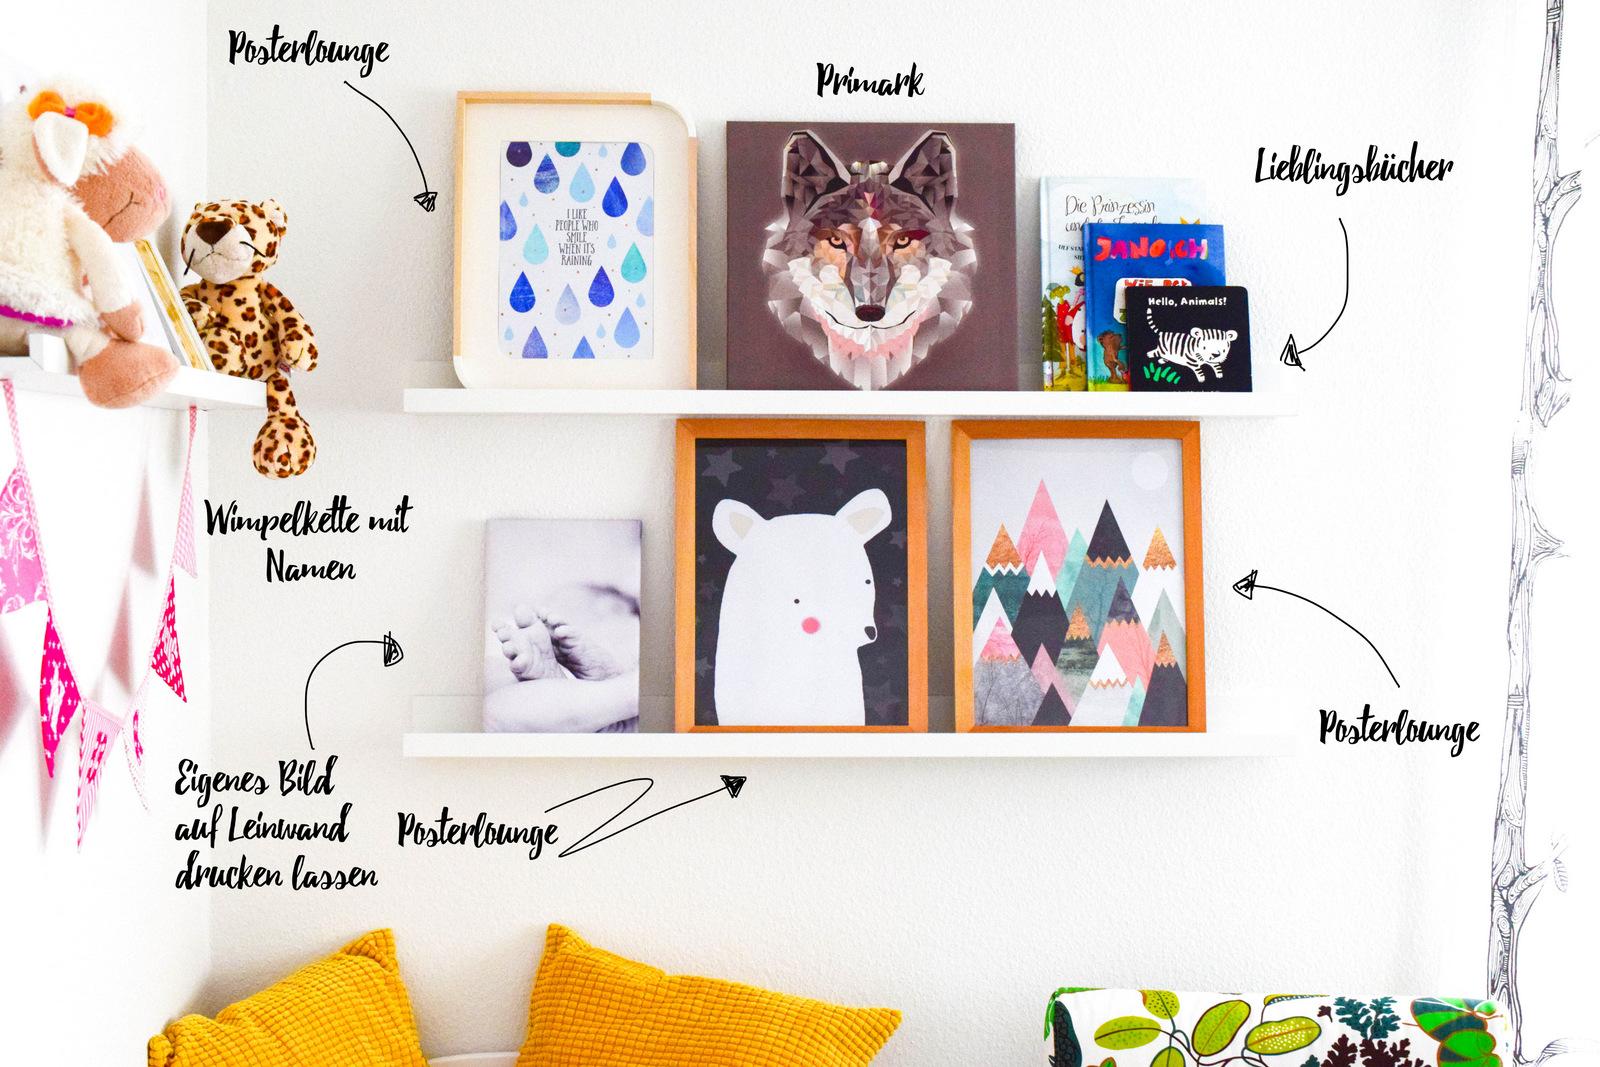 Ikea kinderzimmer deko blatt for Ikea deko ideen